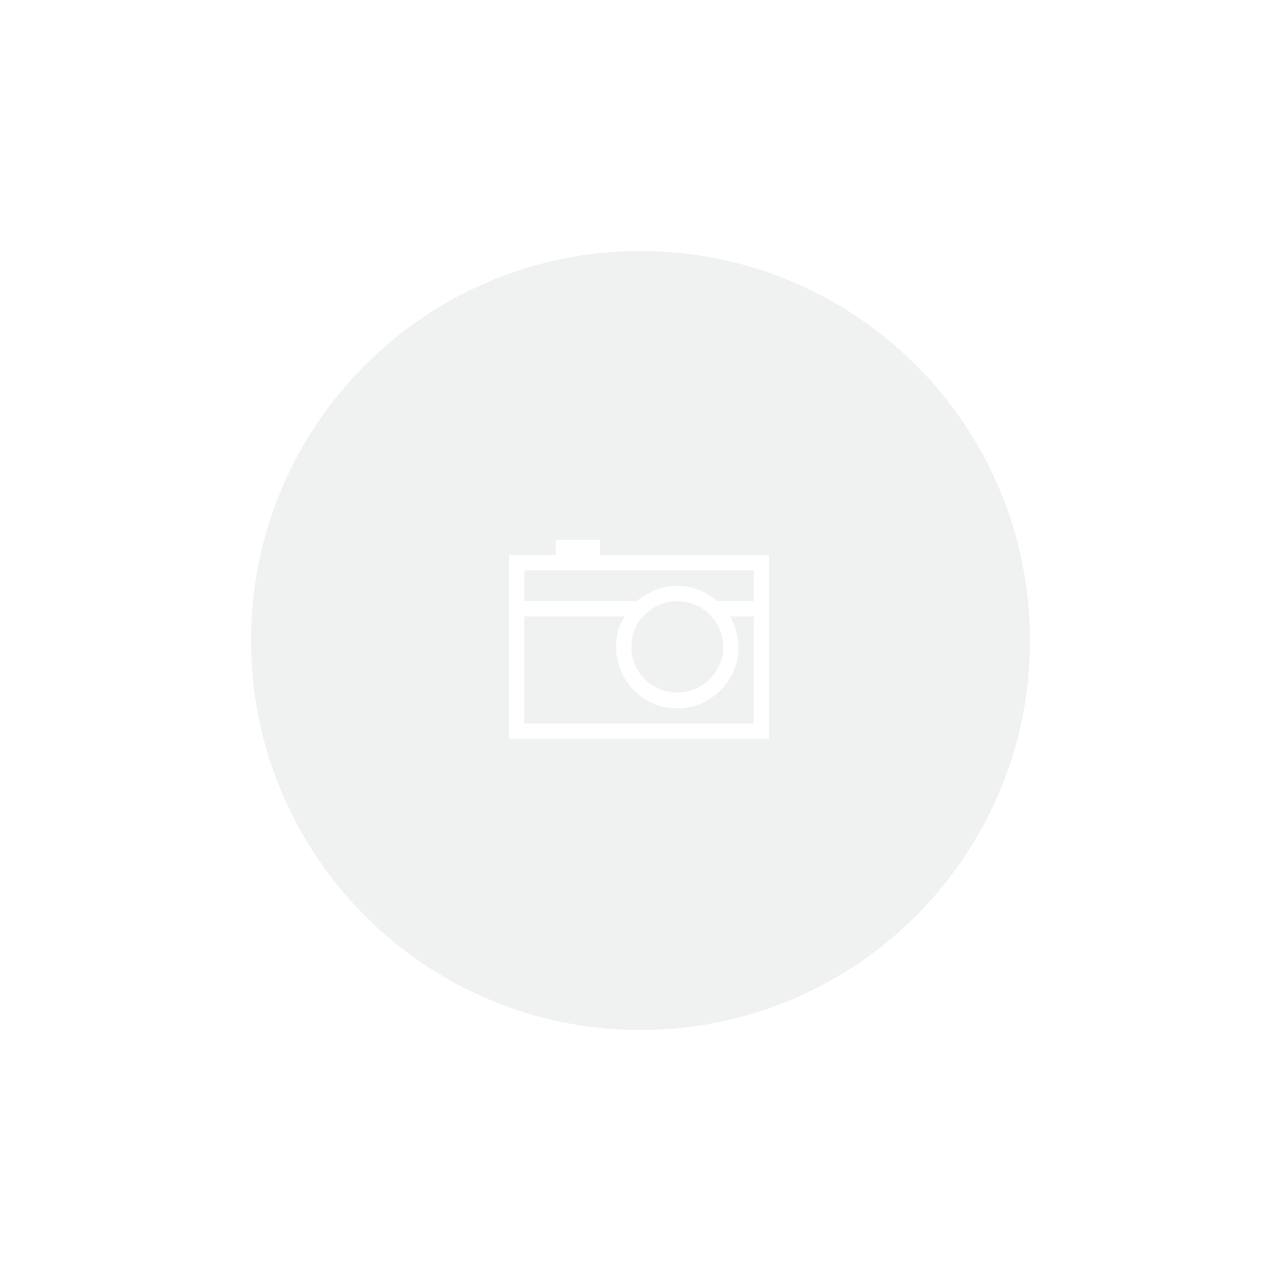 Cachepot Taca Branco Antique 18x16cm